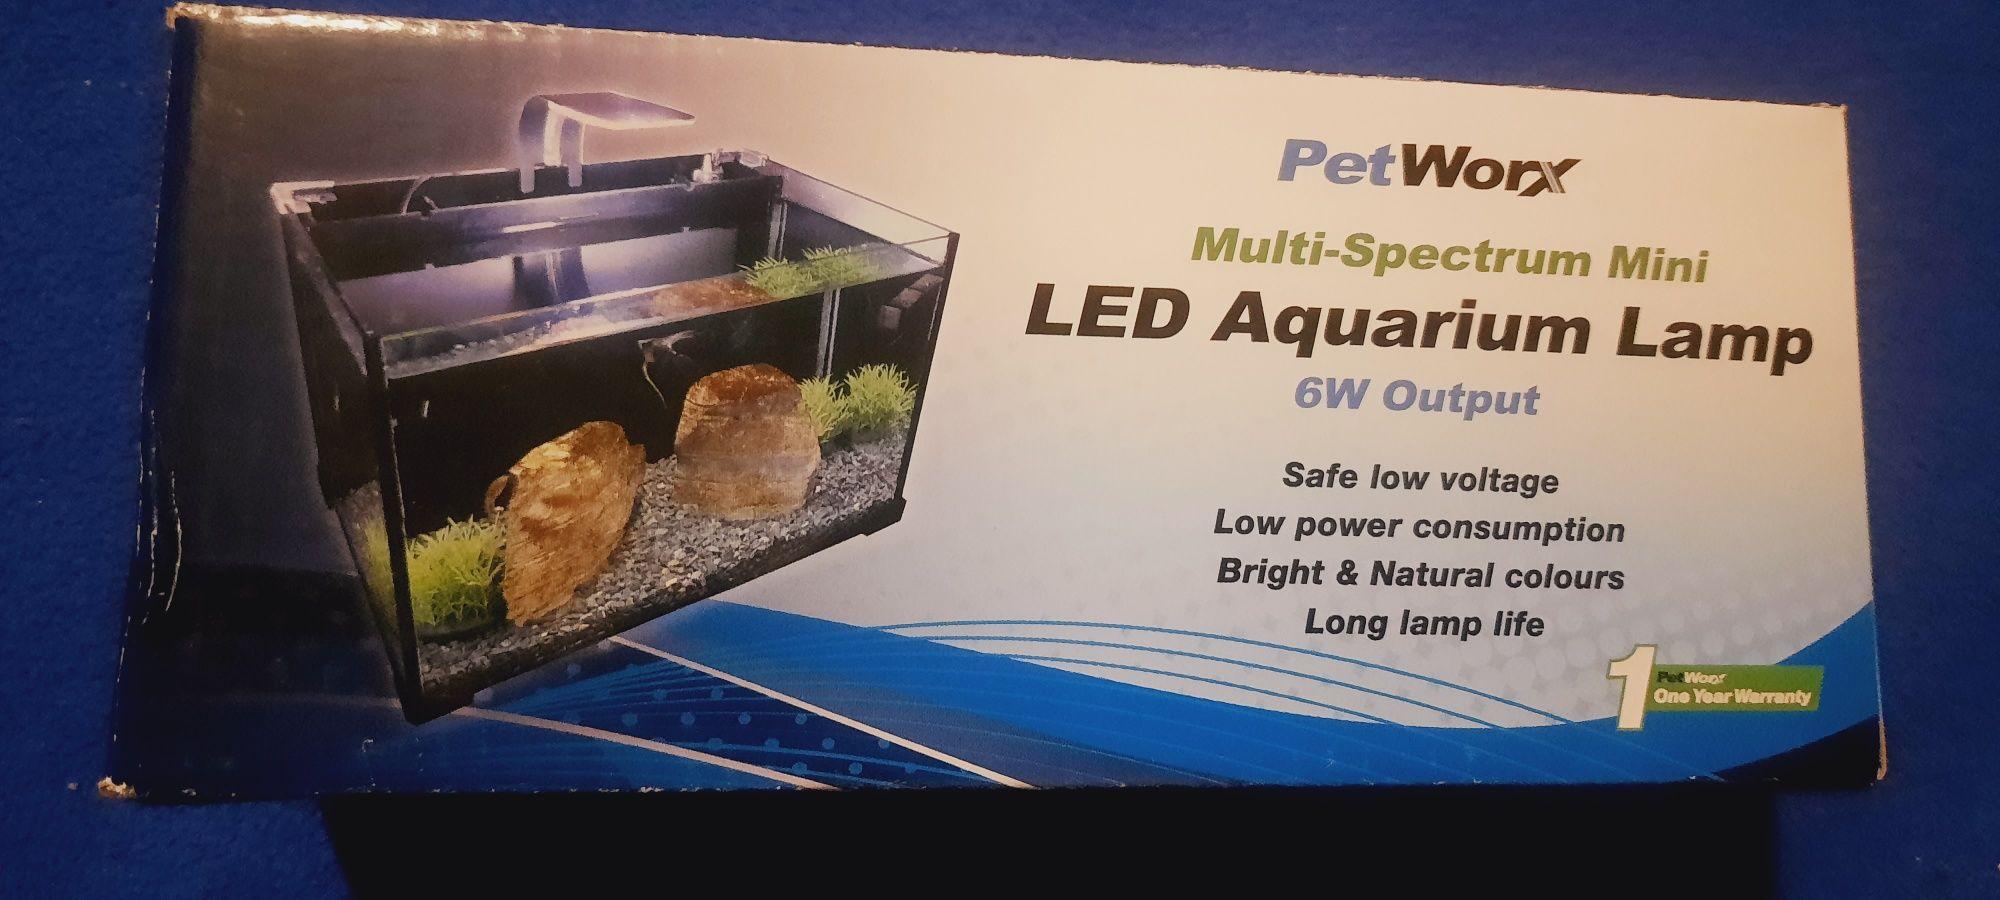 Аквариумная LED лампа Resun PetWorx МультиСпектум Мини